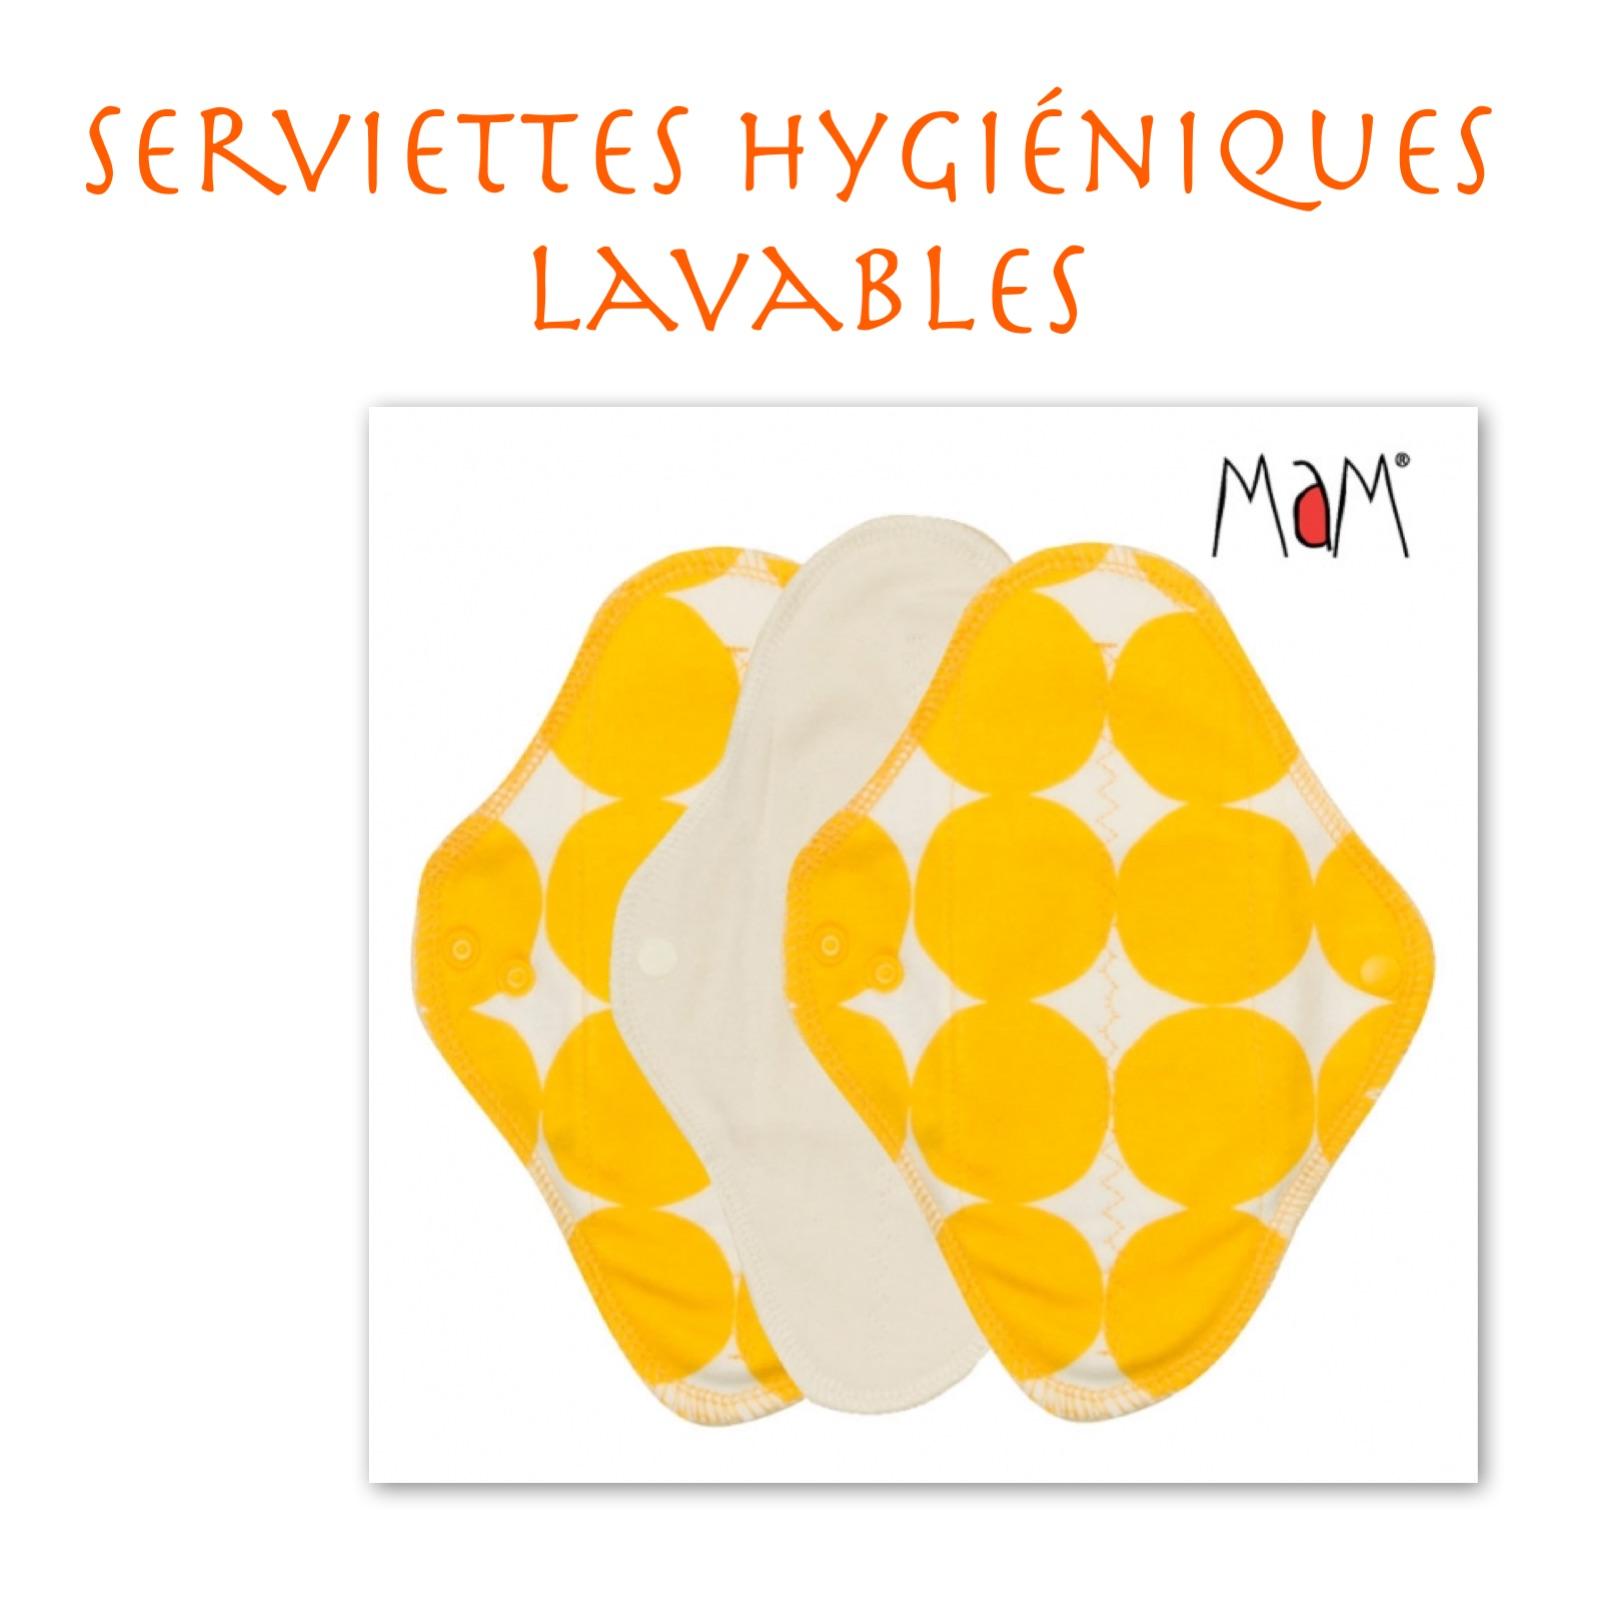 Serviettes hygiéniques lavables